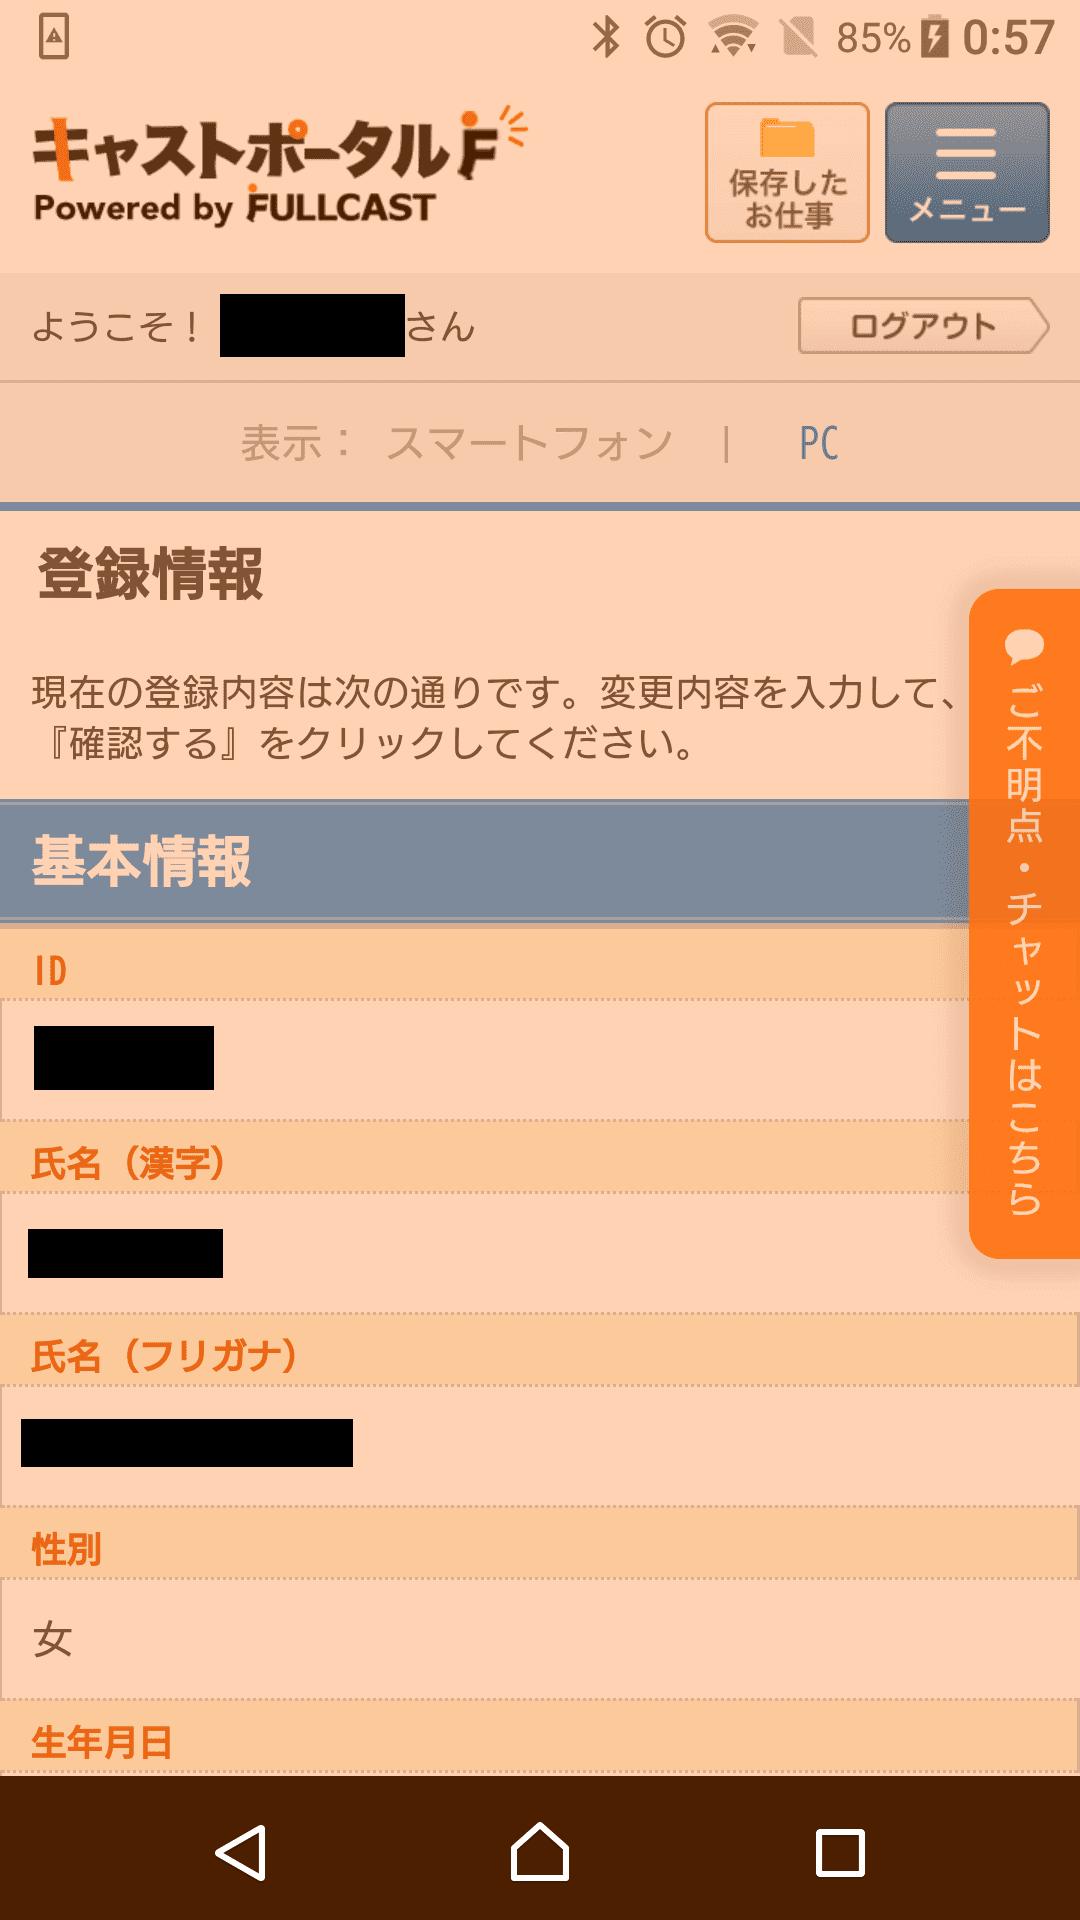 フルキャスト WEB登録